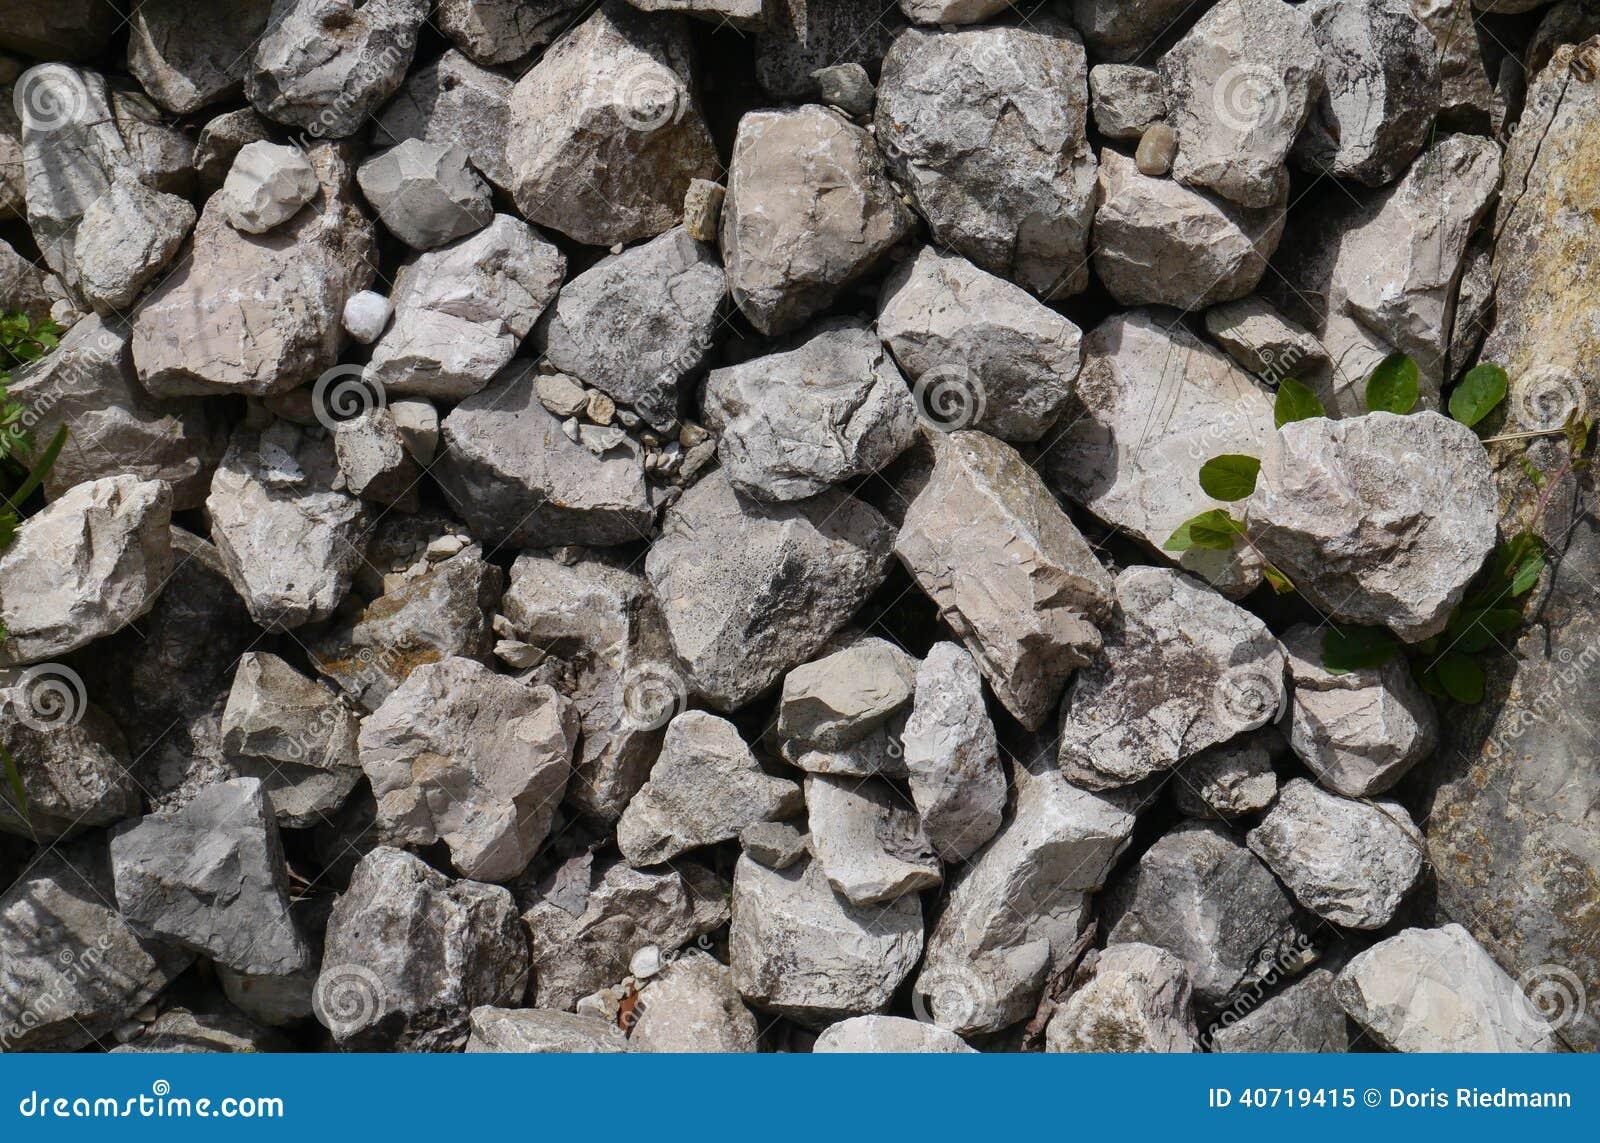 Pared de piedra piso de piedra piedras material - Pared de piedra ...